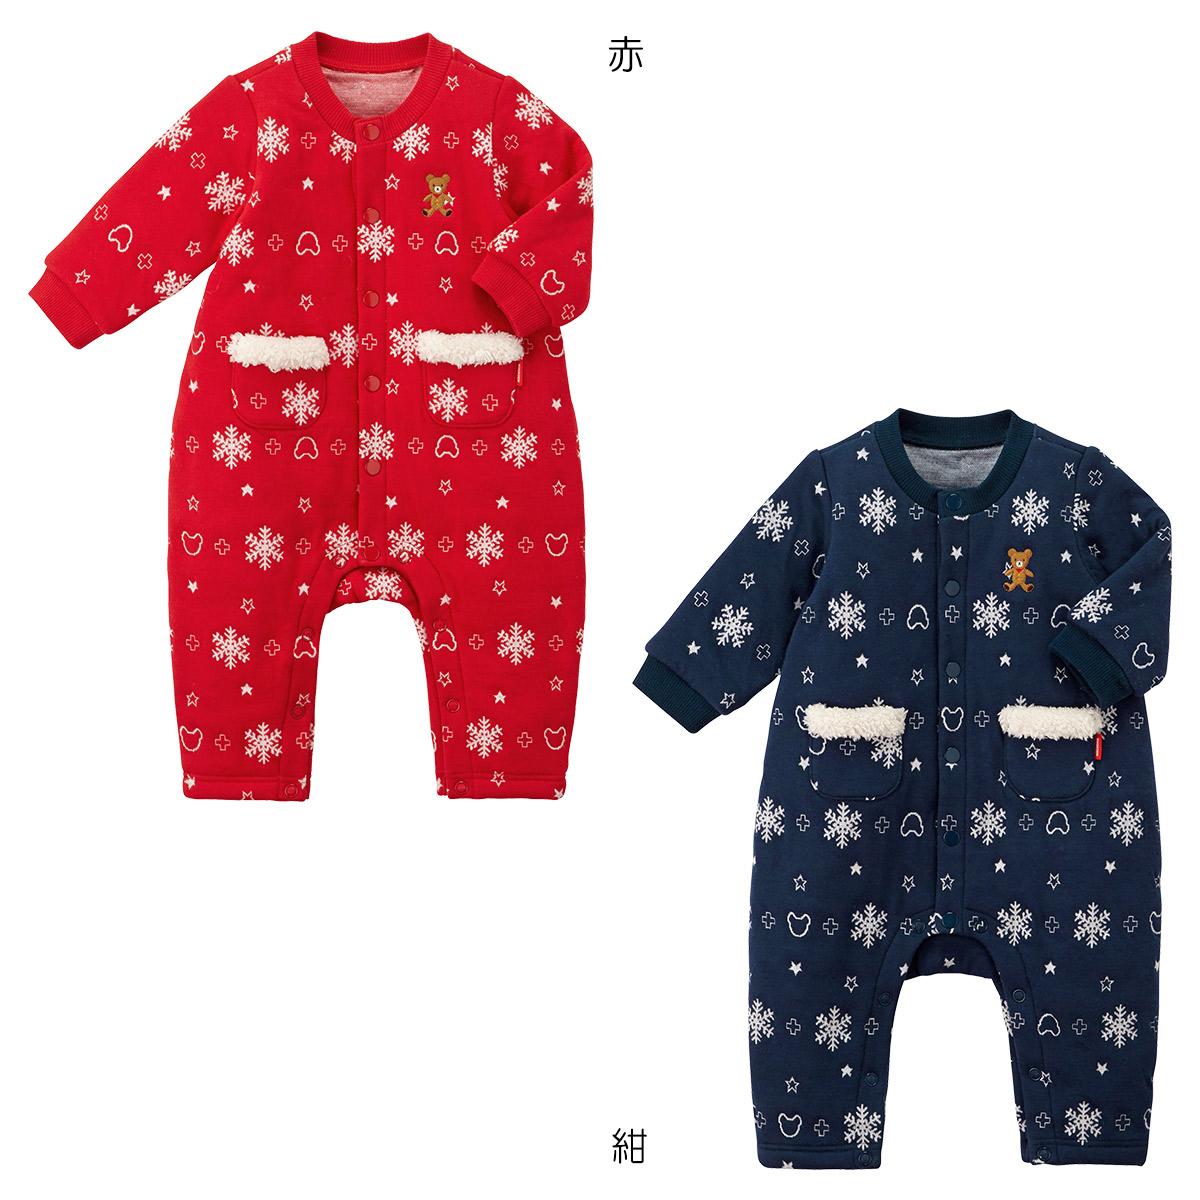 ミキハウス mikihouse ニットキルトジャカード カバーオール(70cm・80cm) 男の子 女の子 子供 ベビー服 ベビー 赤ちゃん 長袖 かわいい 暖かい ニット ボア フリース 雪柄